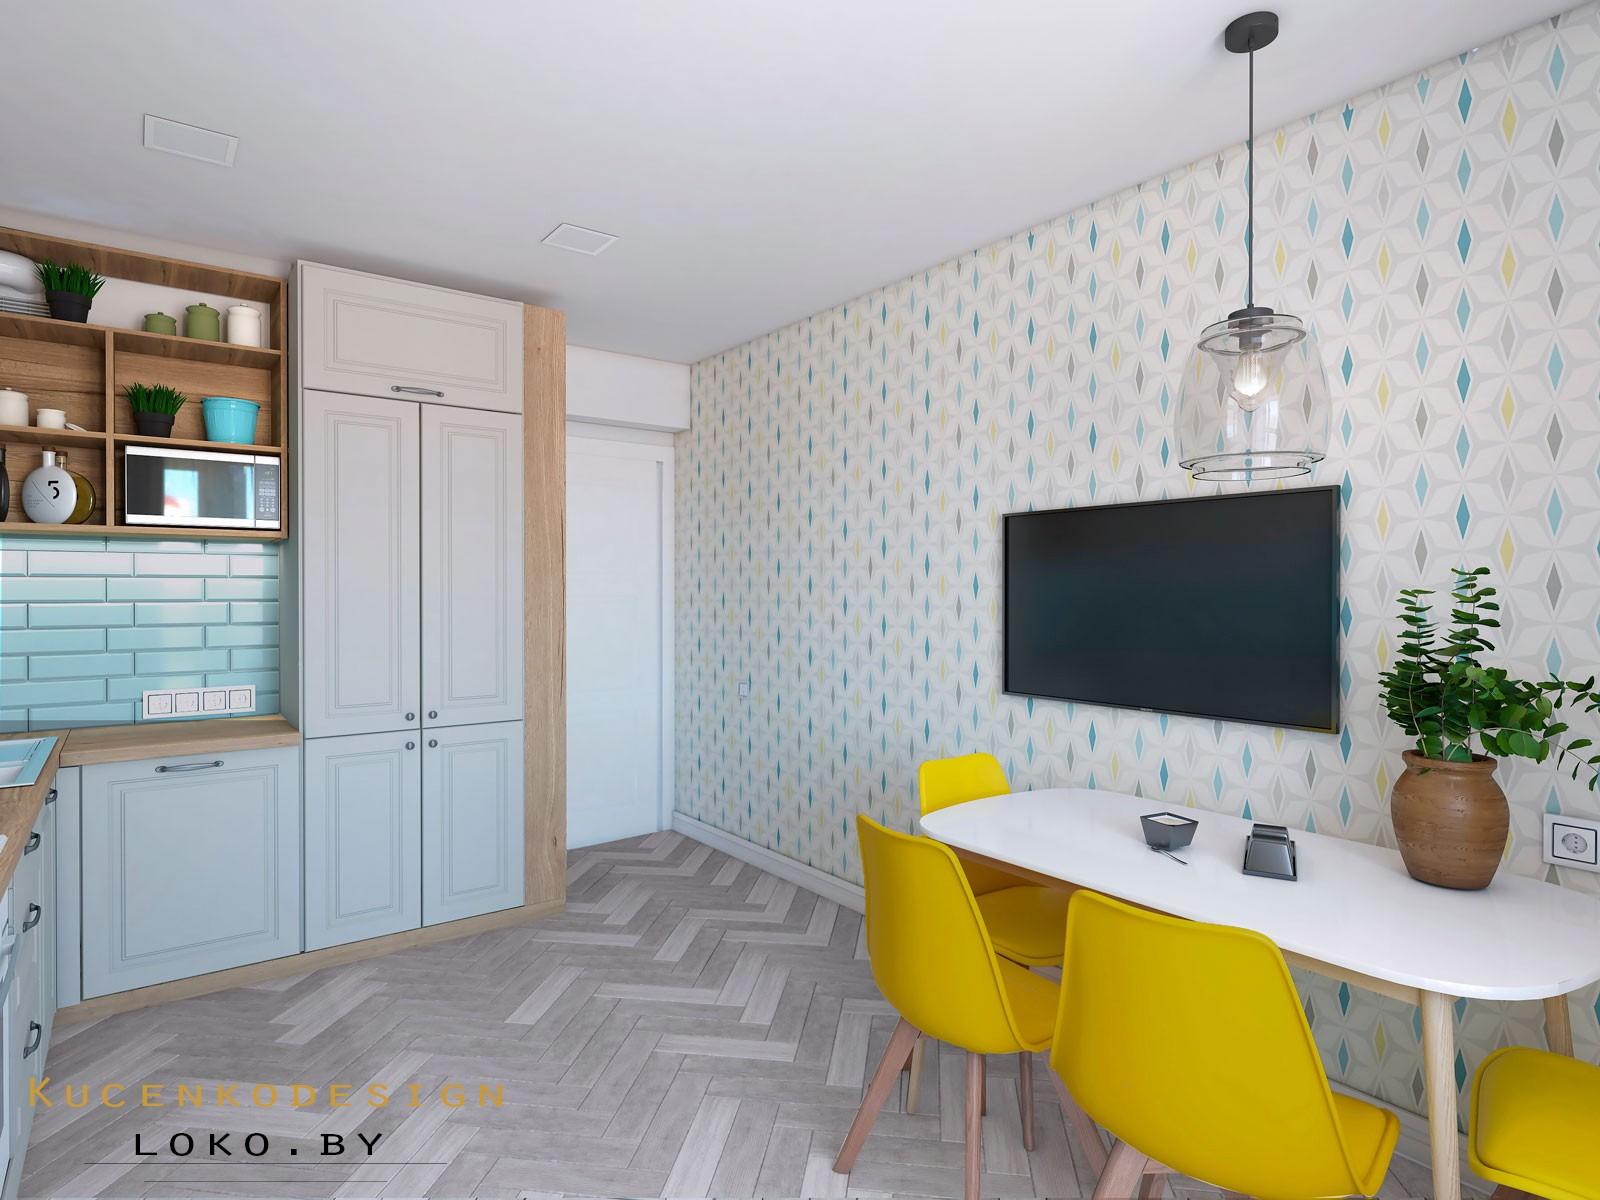 интерьер квартира кухня